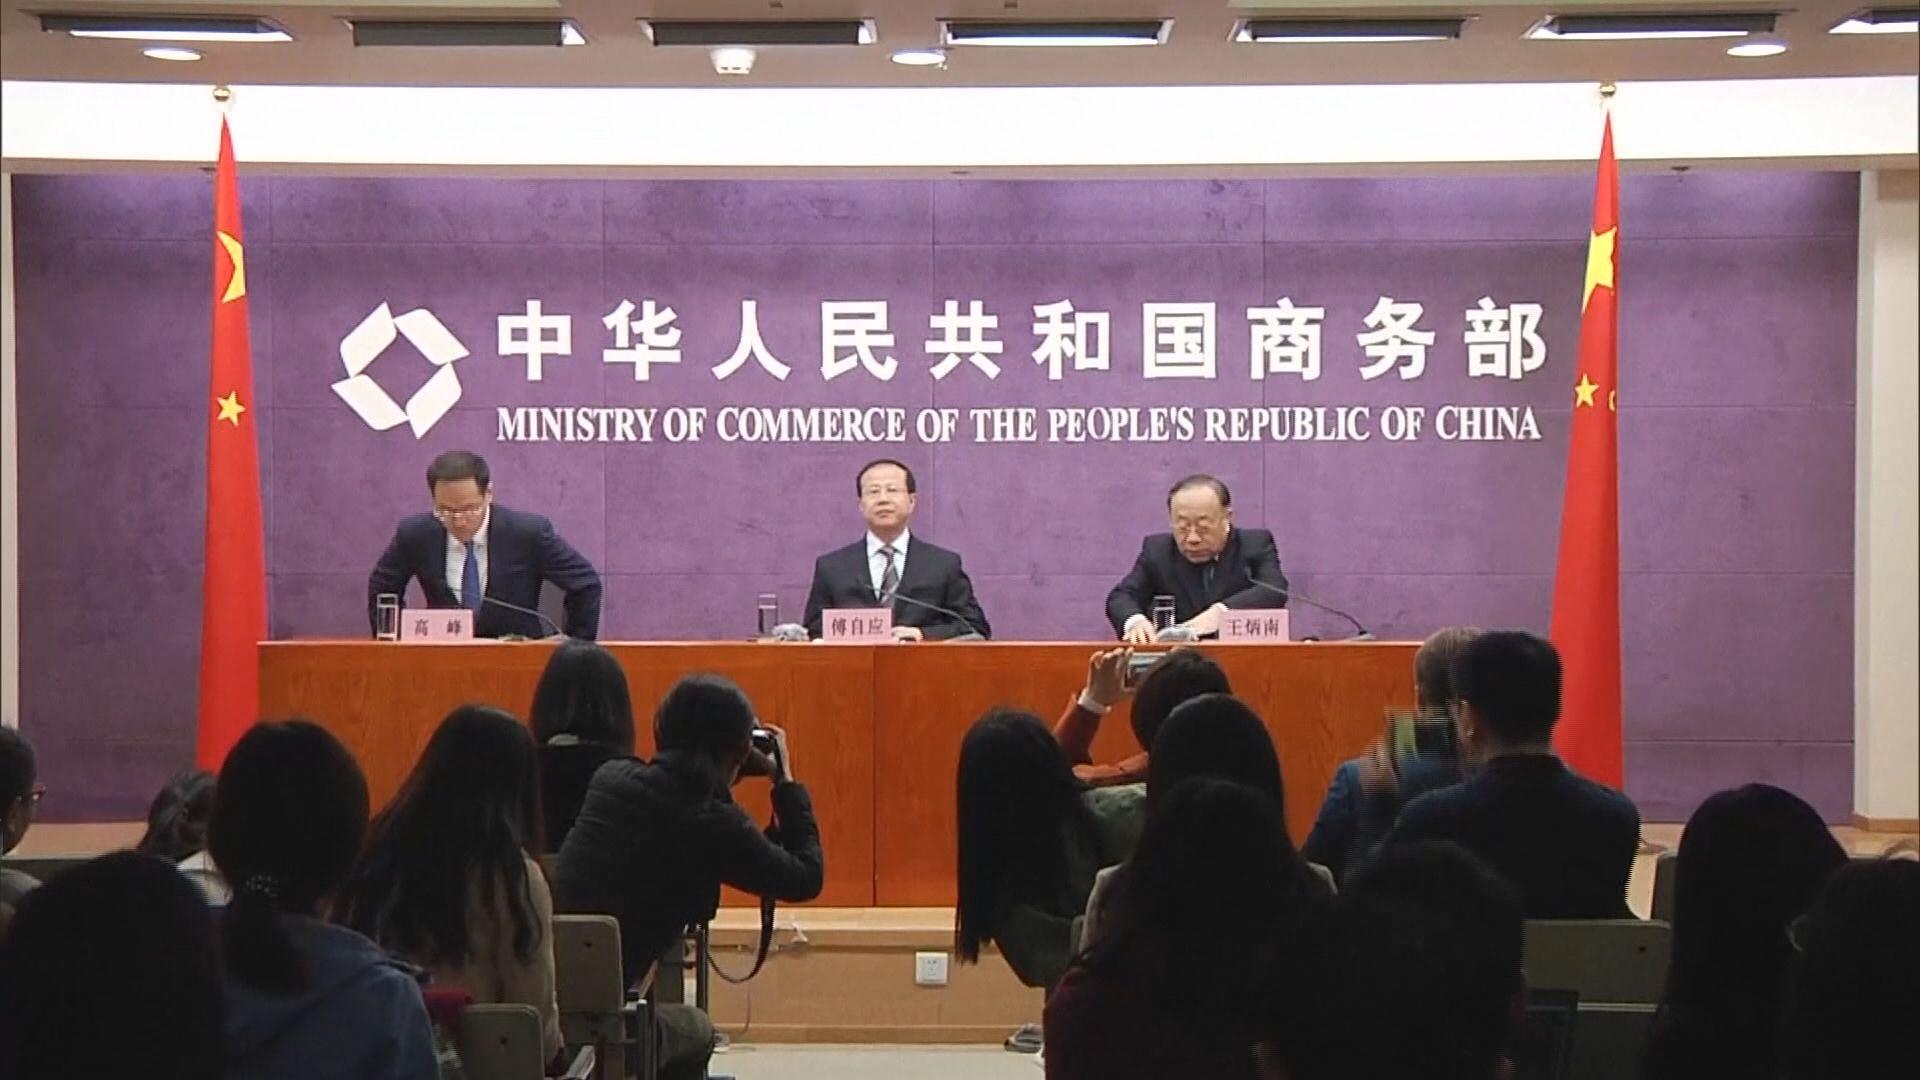 【首次舉行】習近平將出席中國國際進口博覽會